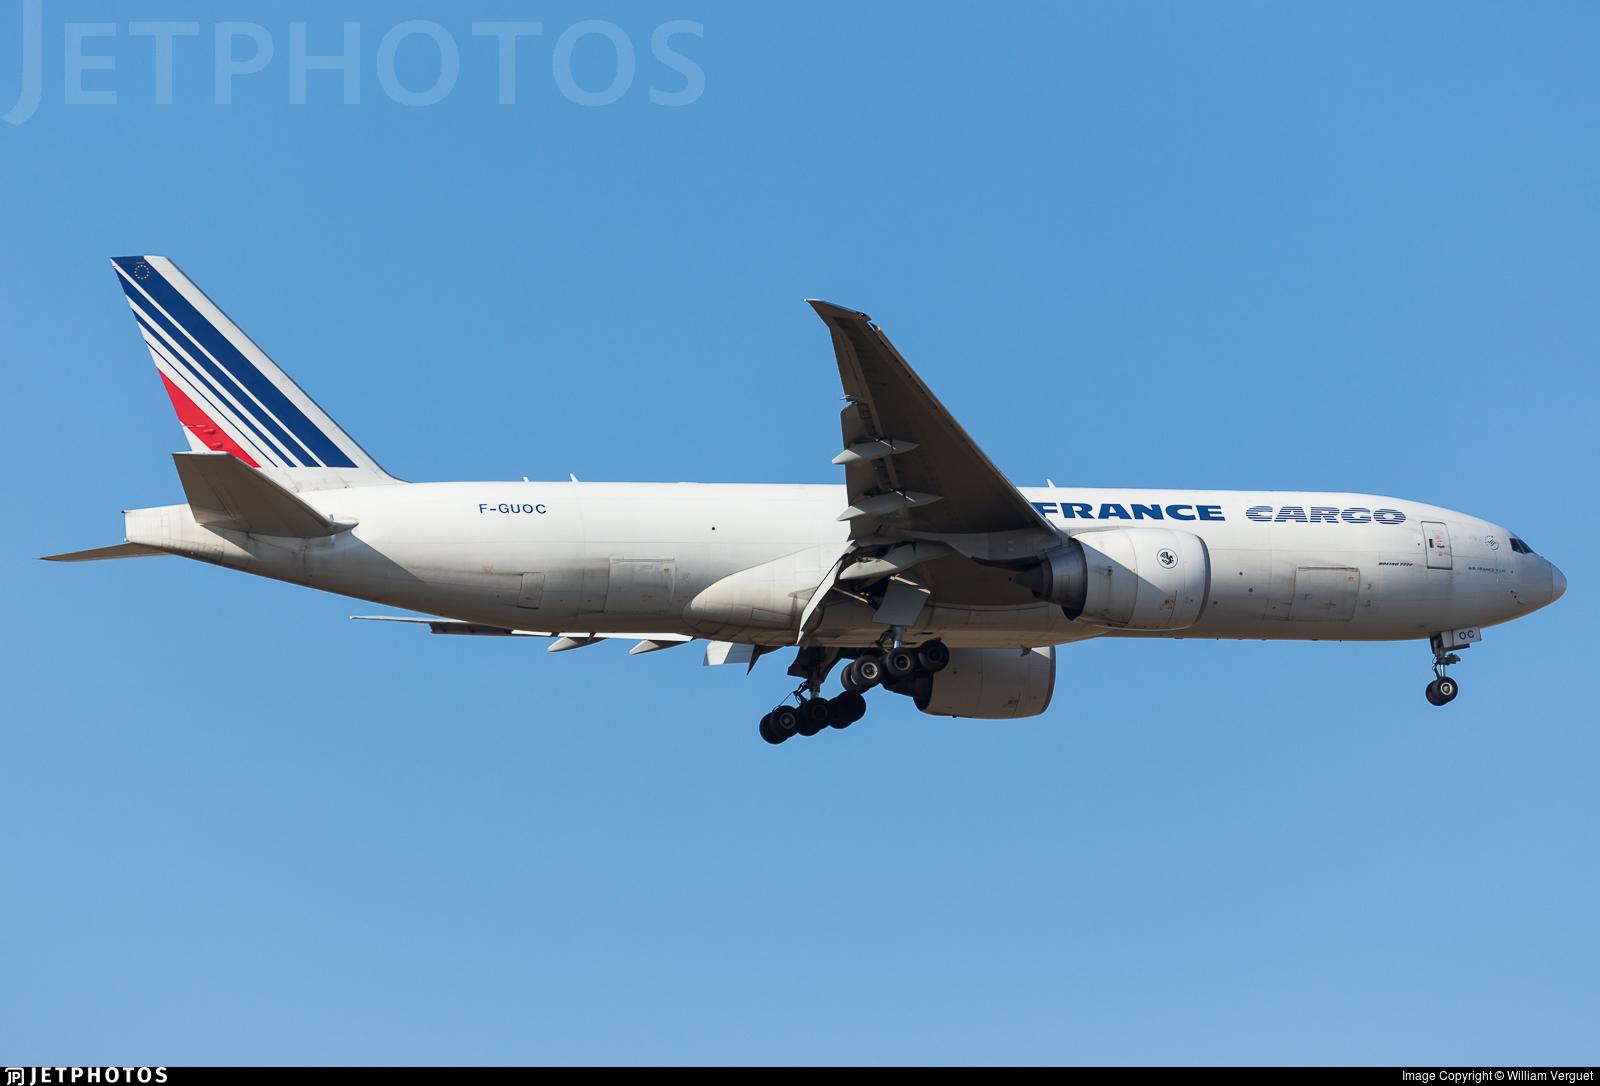 F-GUOC - Boeing 777-F28 - Air France Cargo